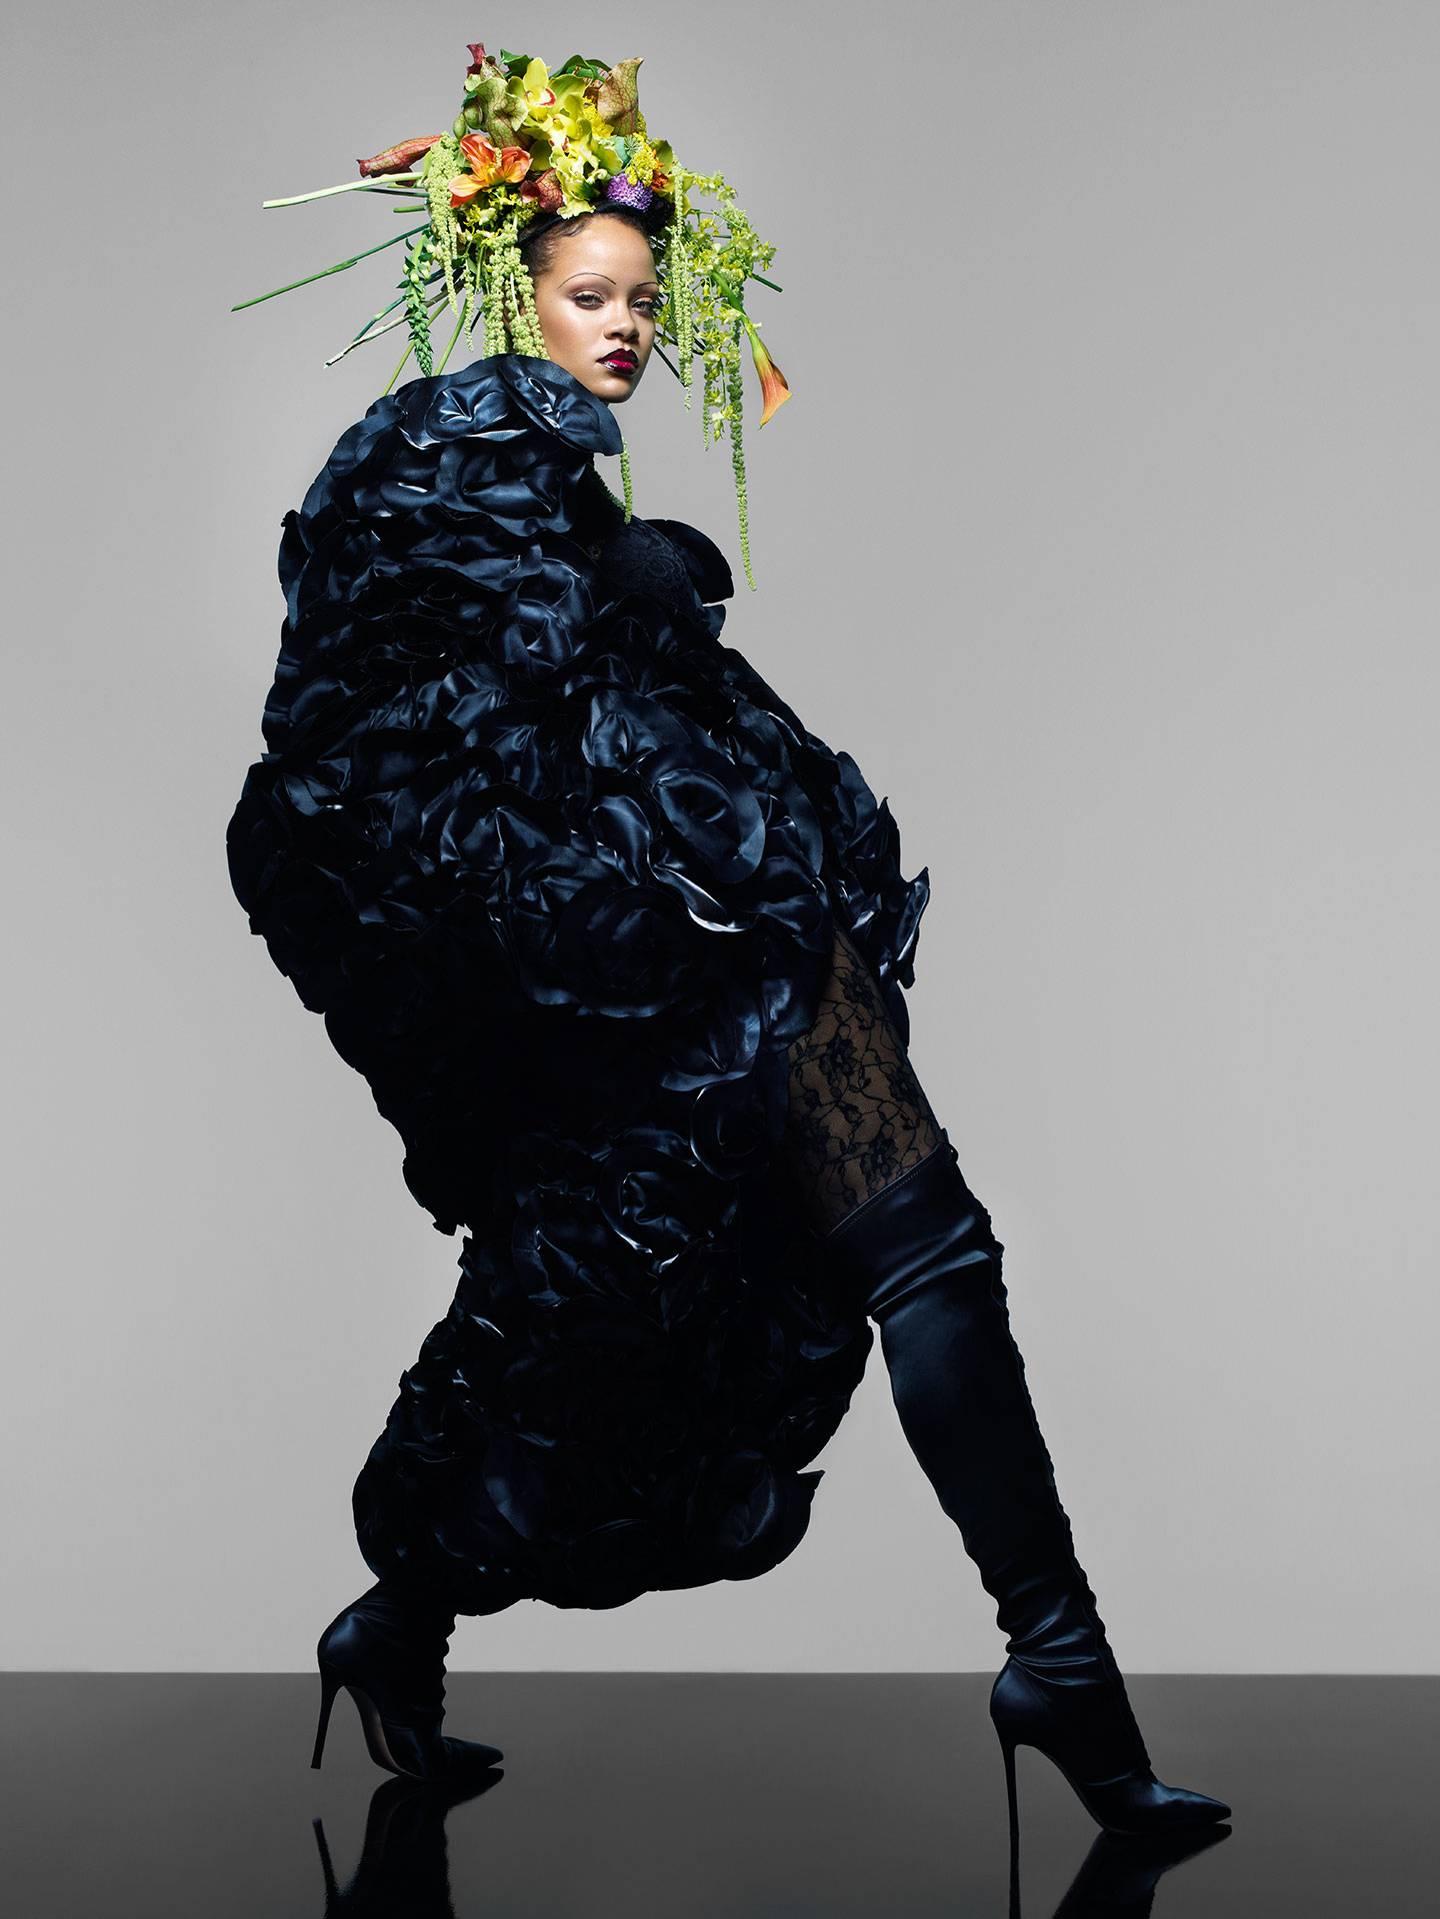 Rihanna Makes History on the Cover of British Vogue's September Issue - Image ~ Naijabang